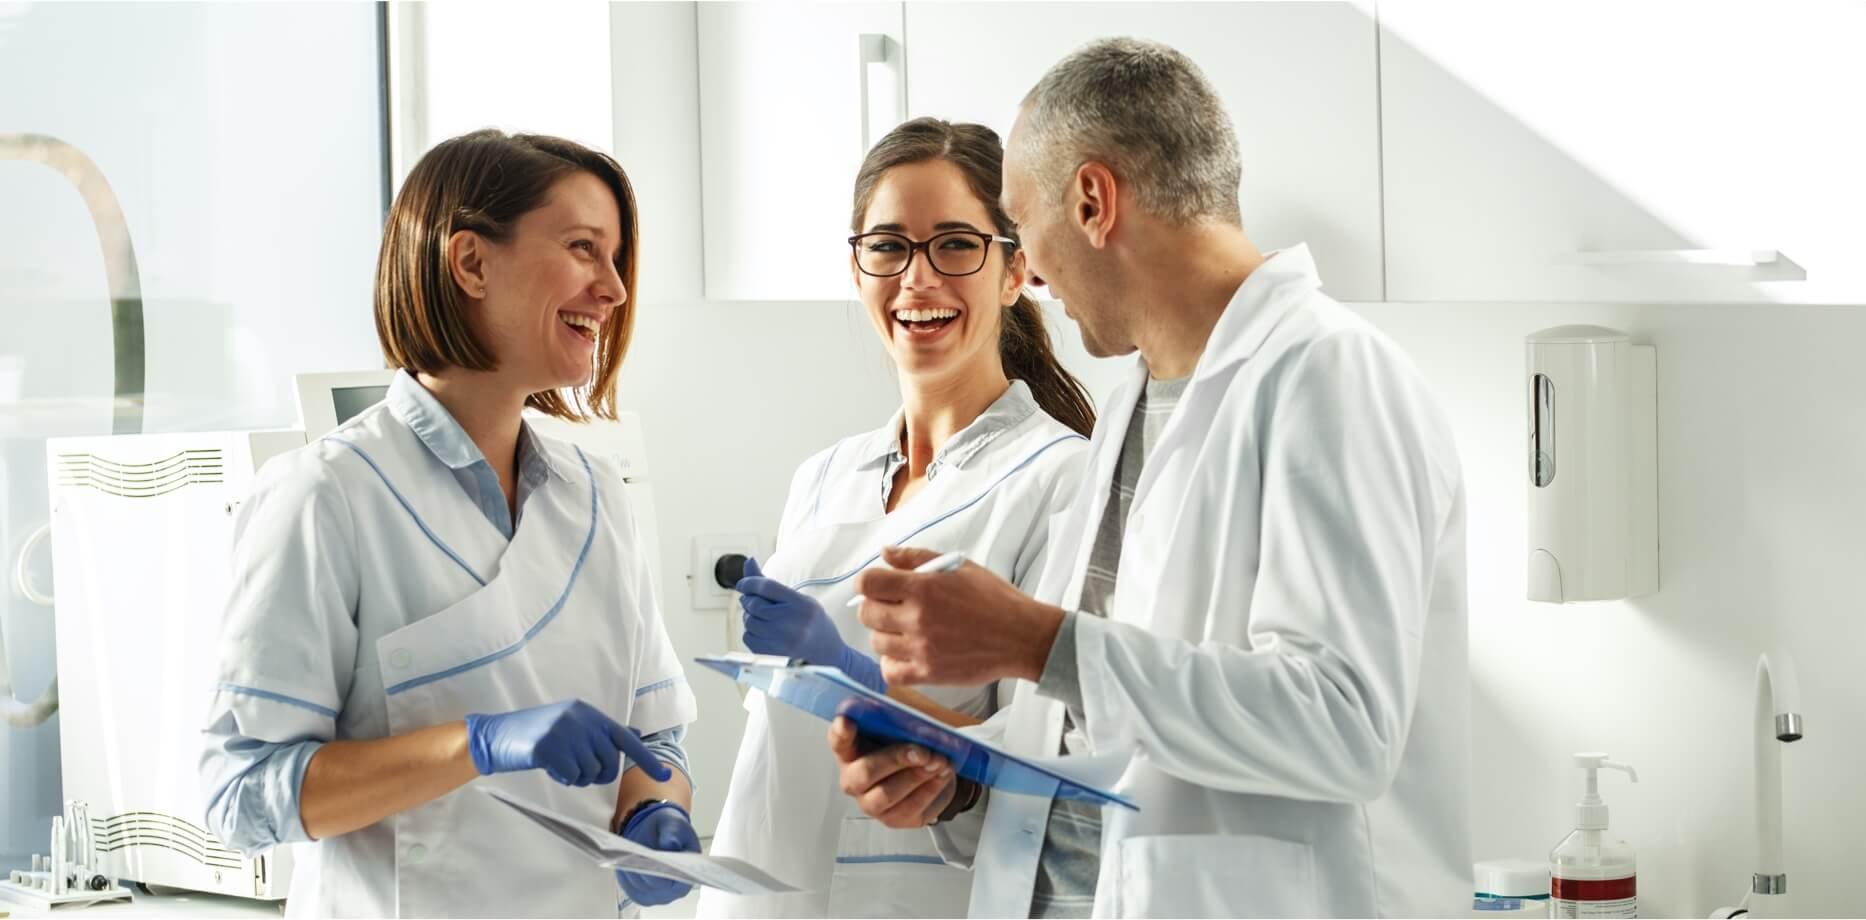 Lekarze rozmawiający w laboratorium